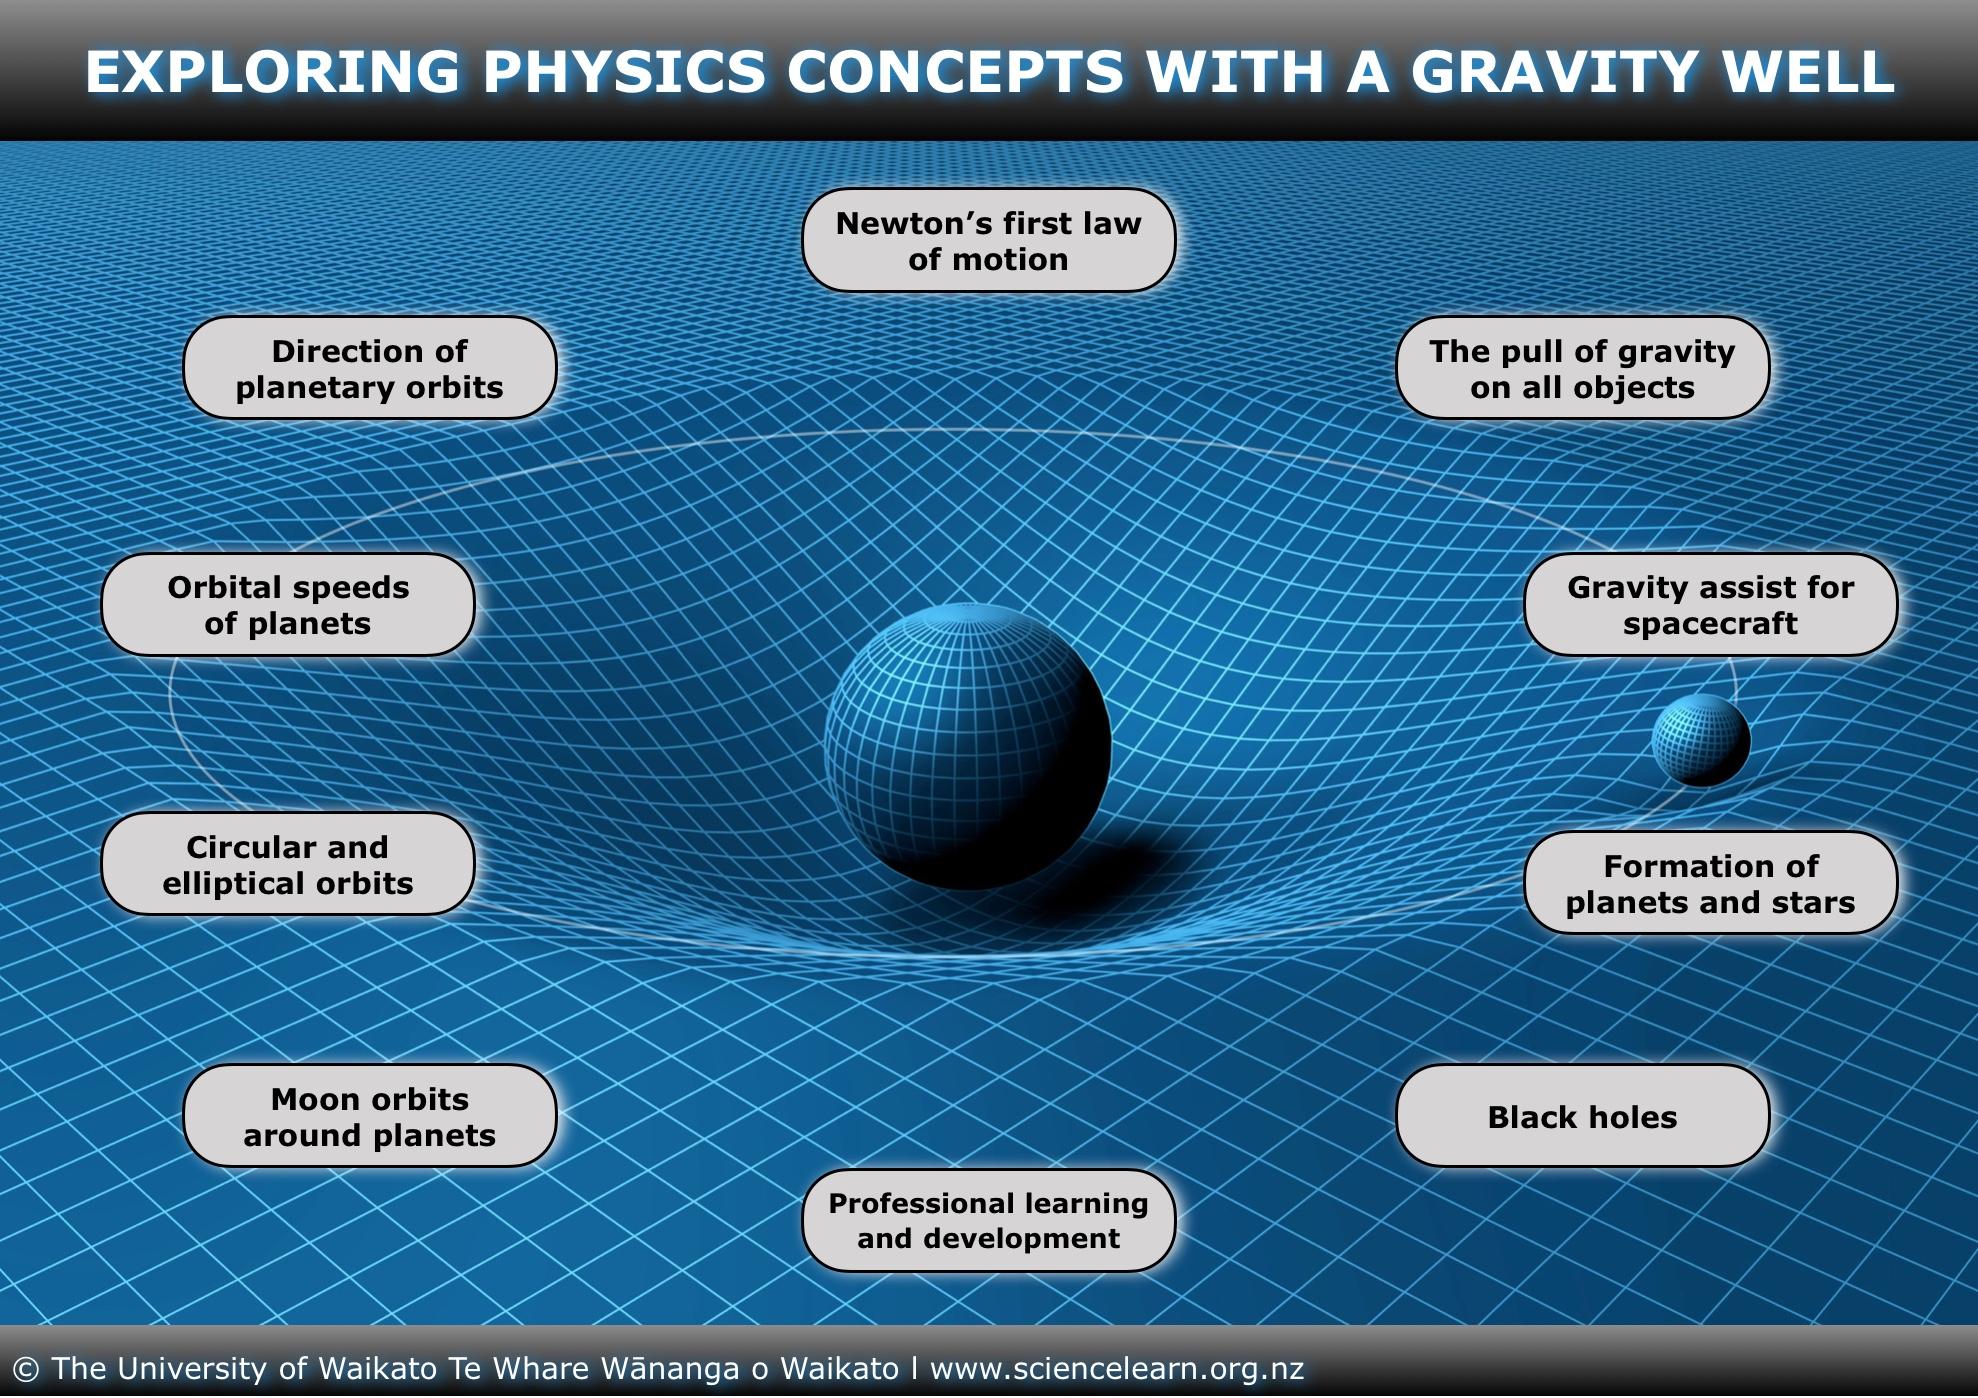 ITV_Image_map_ExploringPhysicsConceptsWi